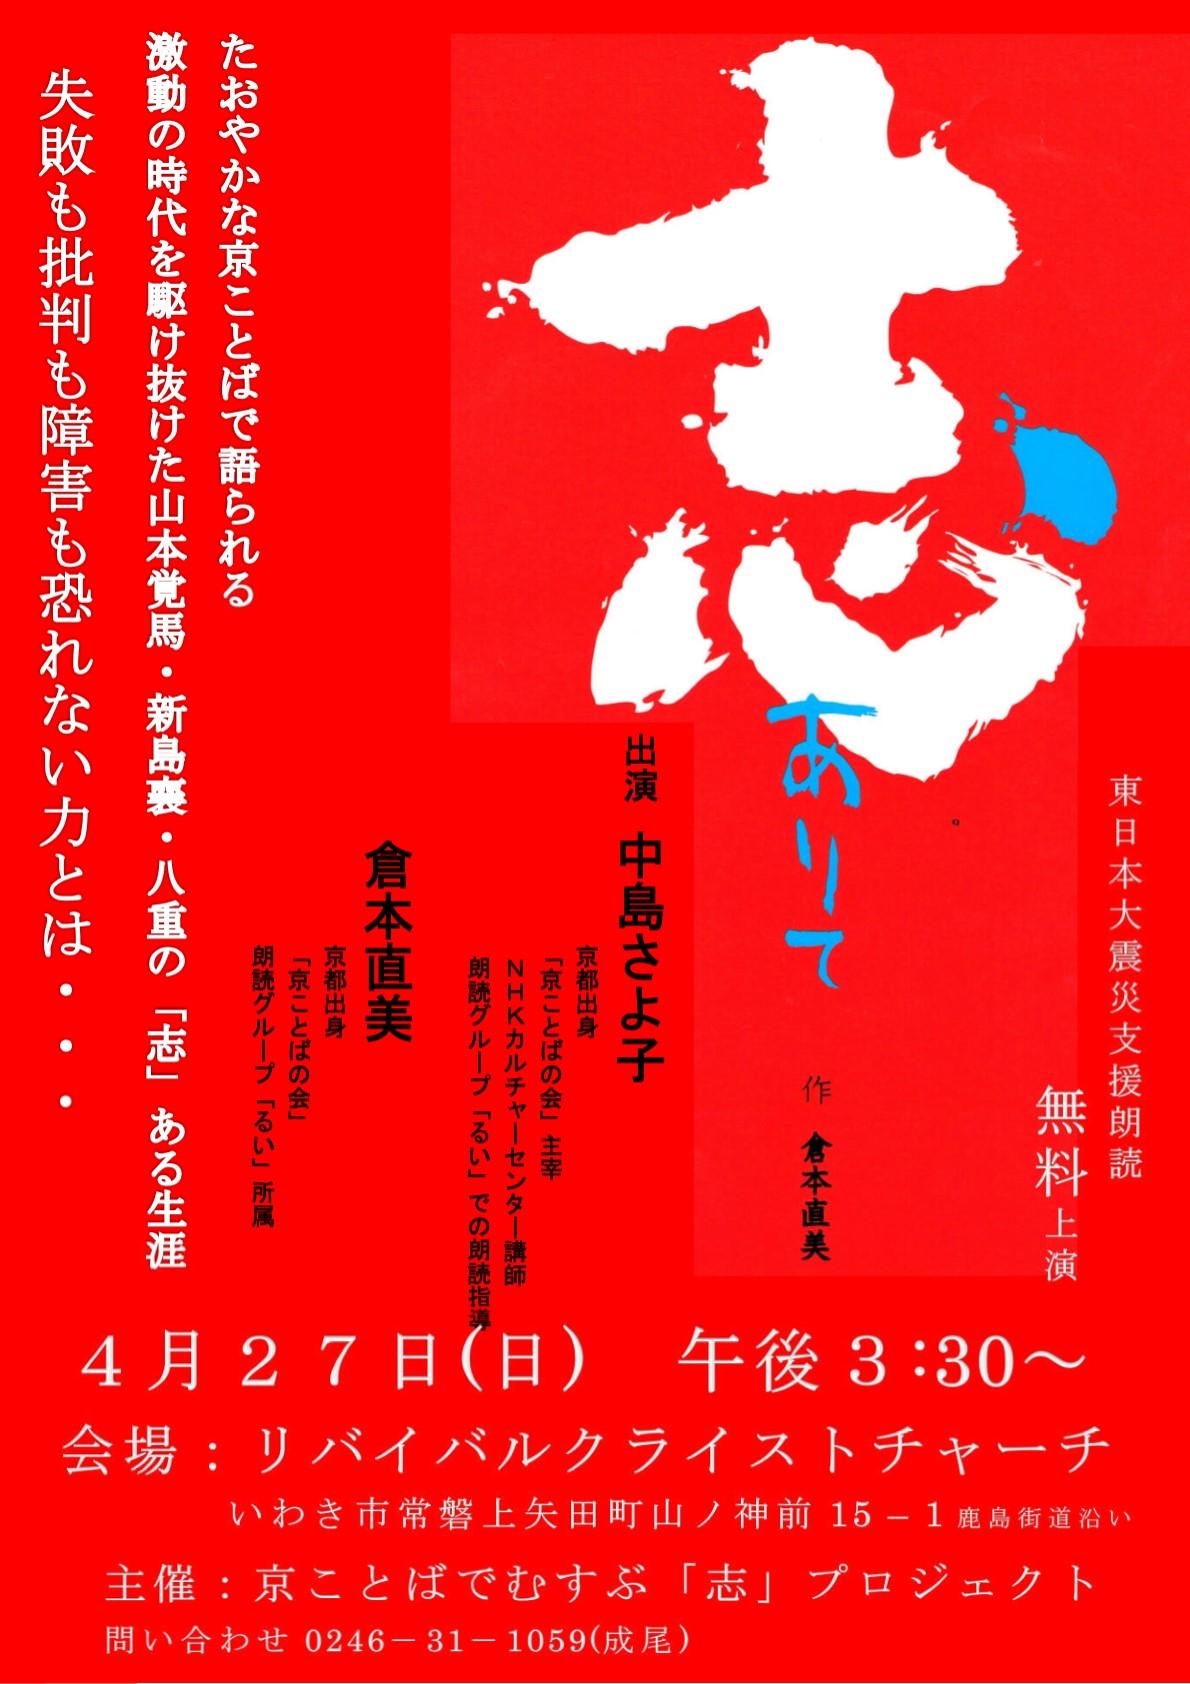 京ことばでむすぶ「志」プロジェクト 東北支援2014 報告_e0022644_10485382.jpg